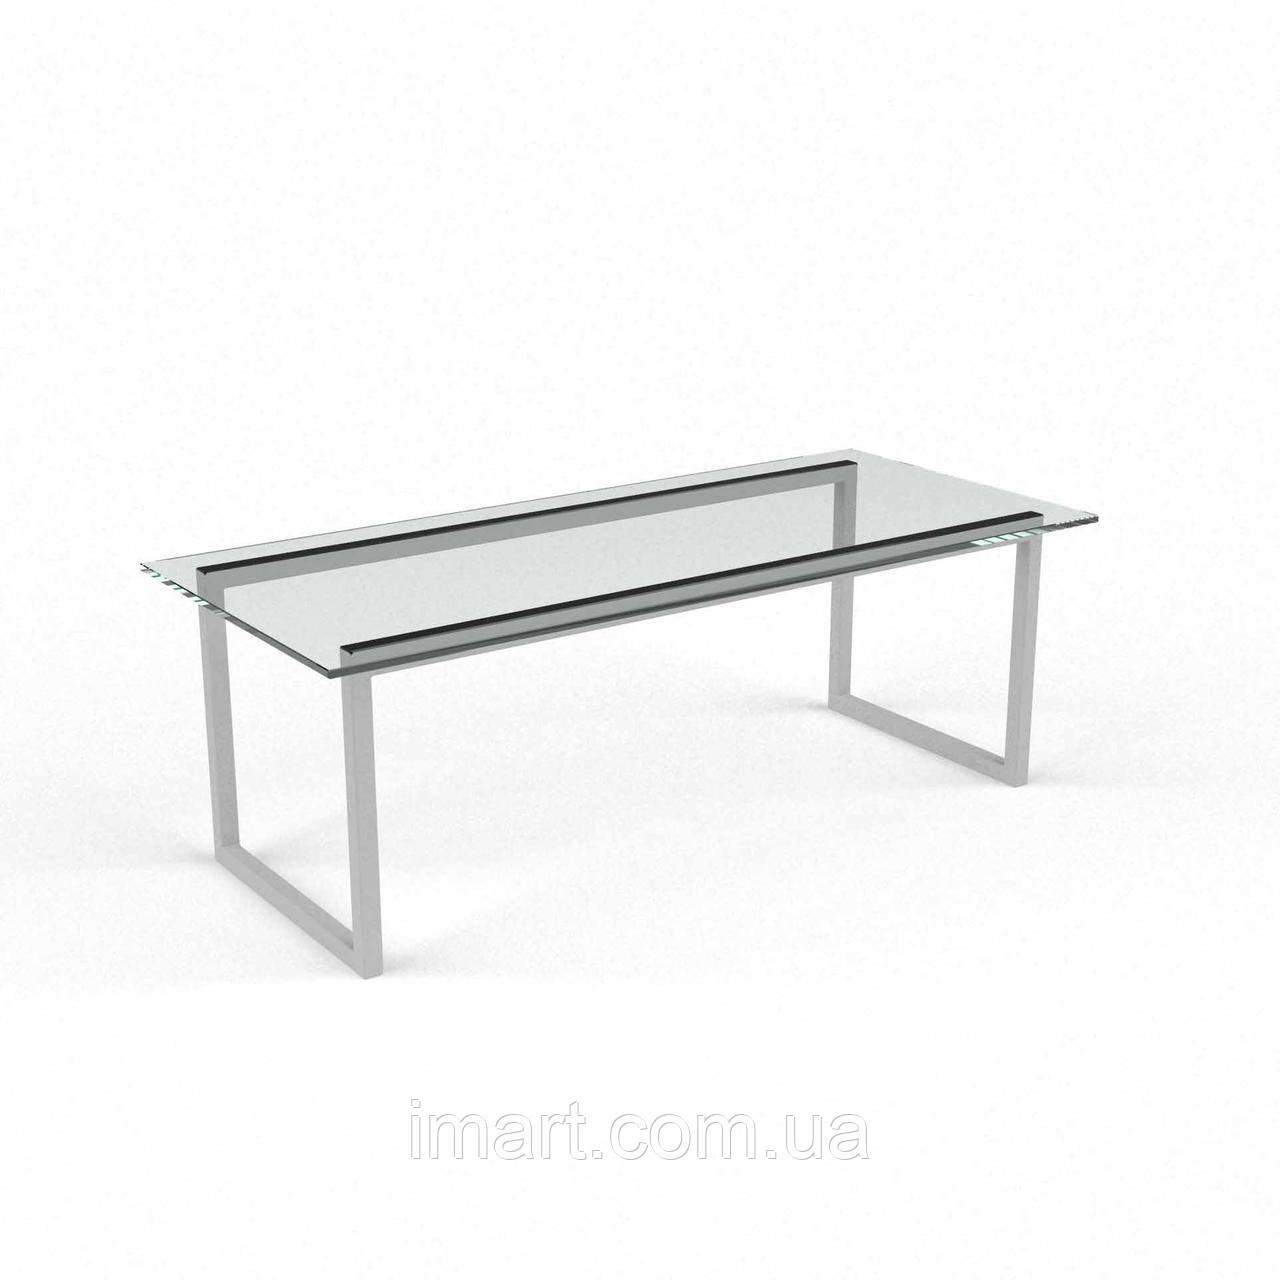 Журнальный стол Атика стеклянный